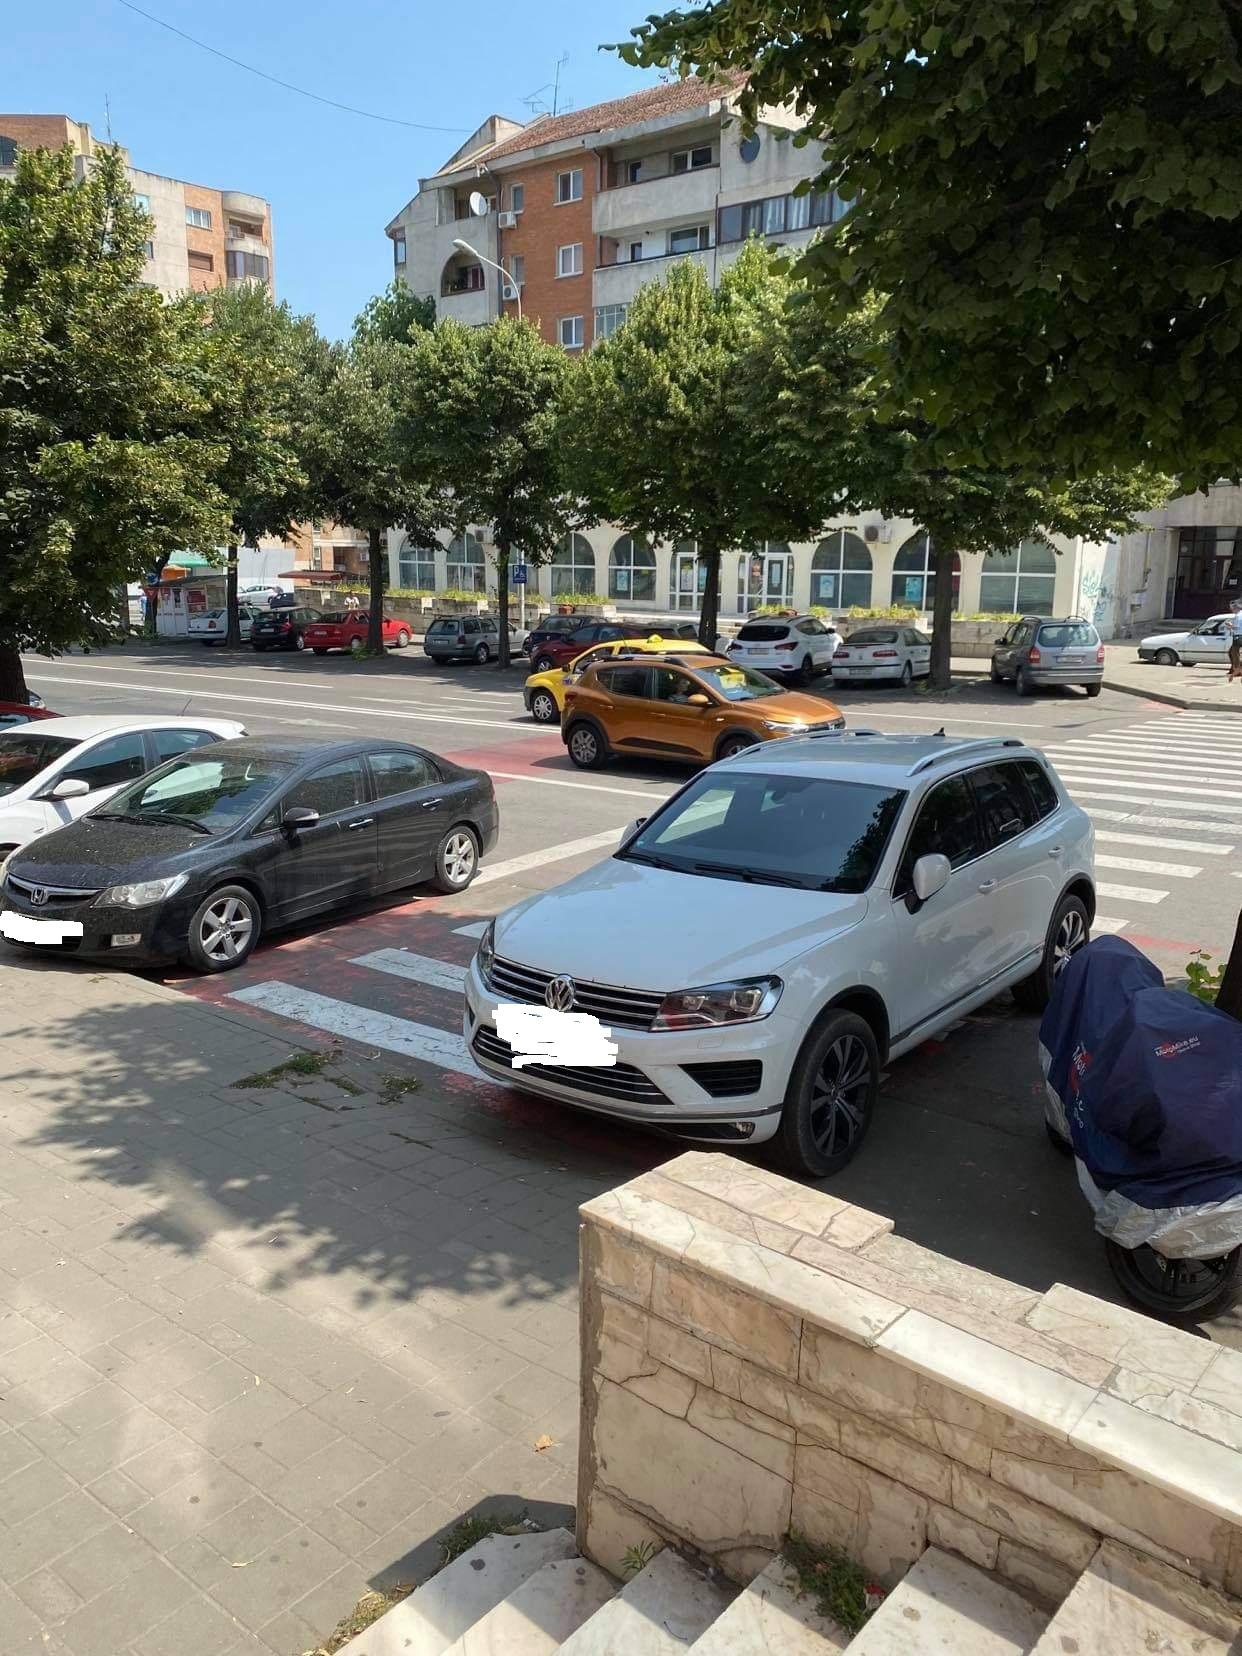 Românii obligați să blureze pozele cu mașini parcate ilegal